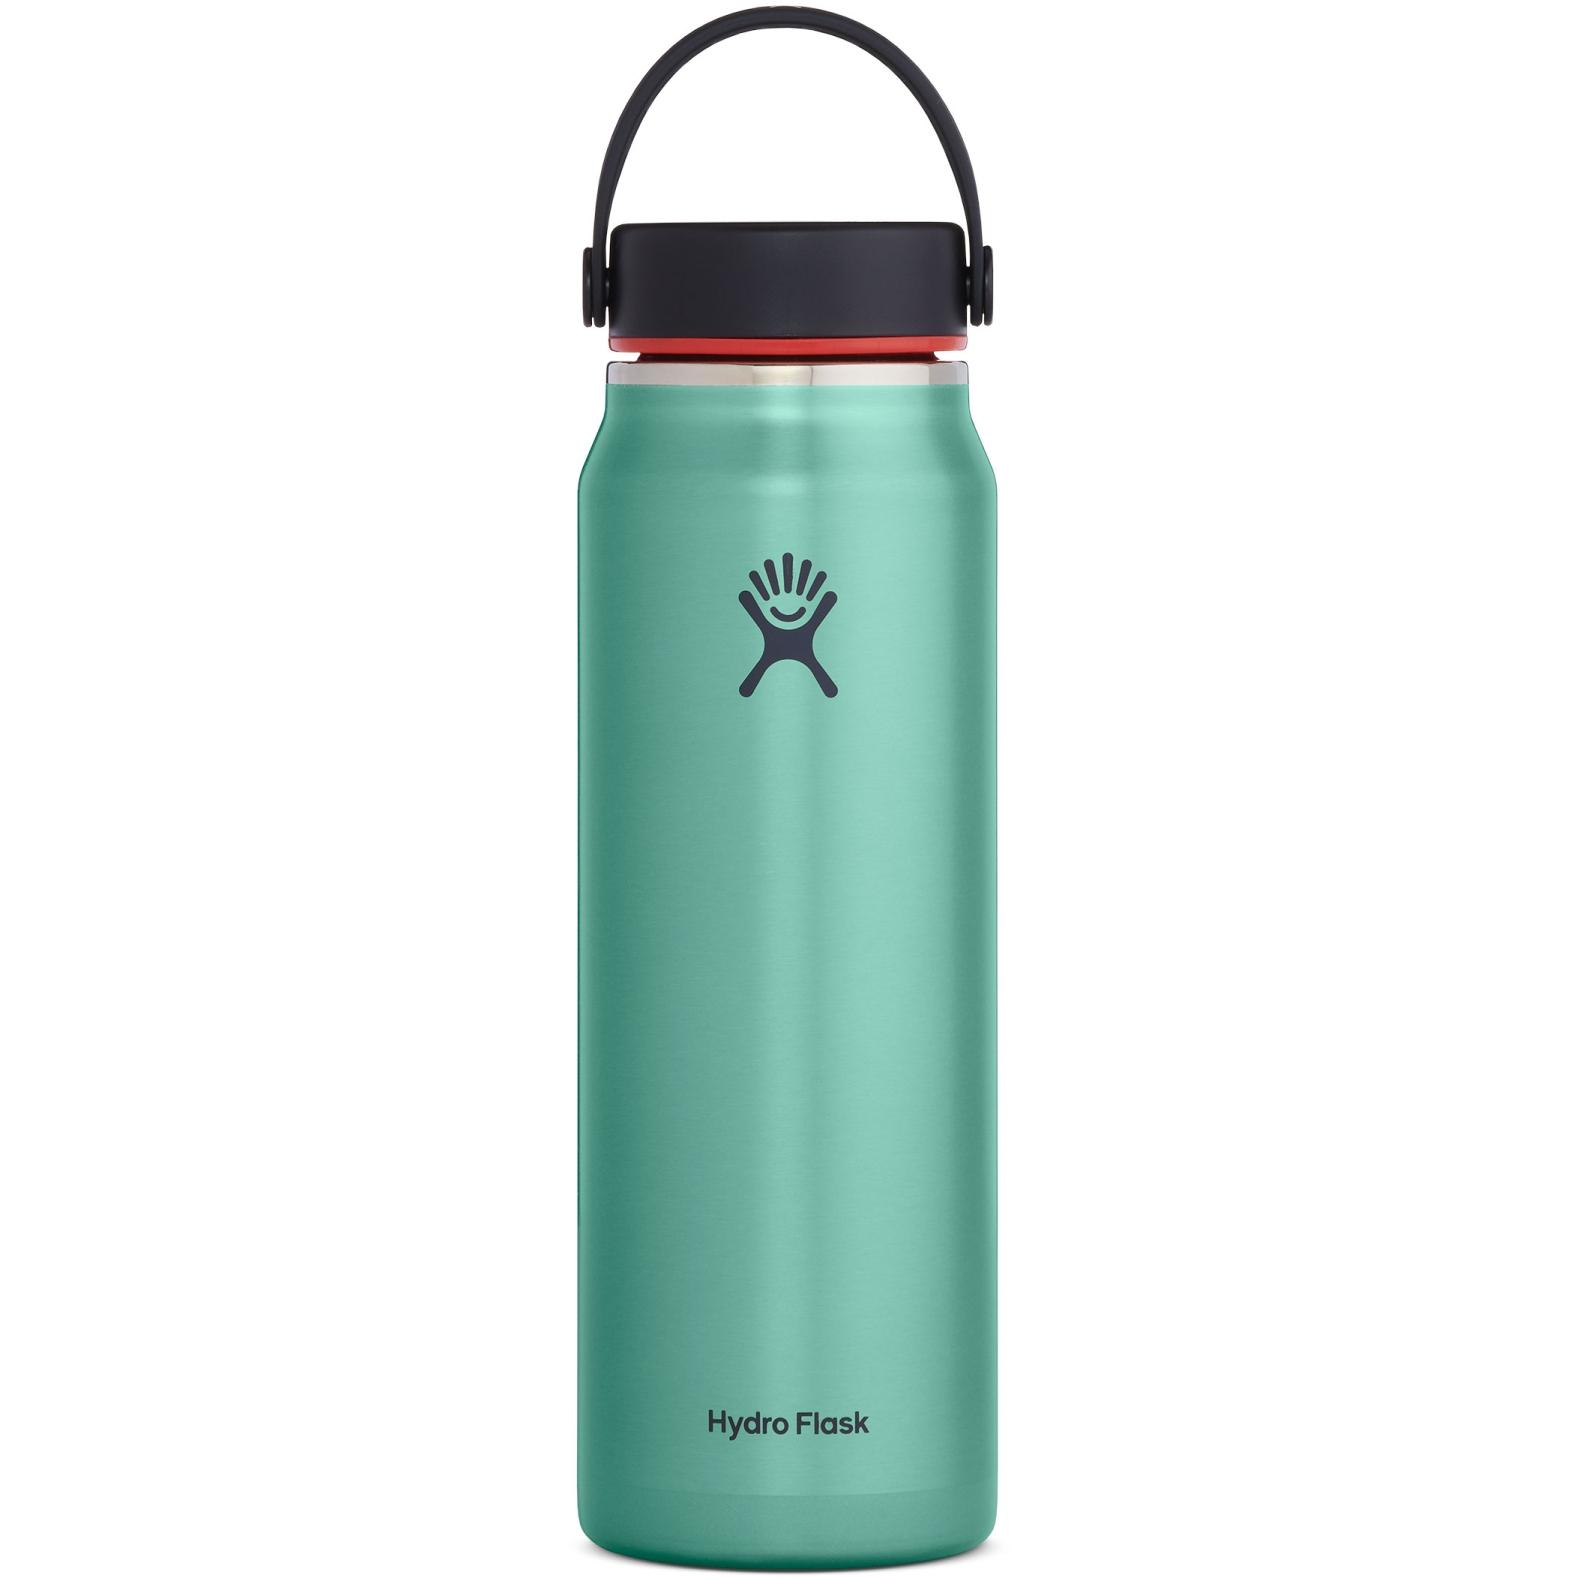 Produktbild von Hydro Flask 32oz Lightweight Wide Mouth Flex Cap Thermoflasche - 946ml - Topaz